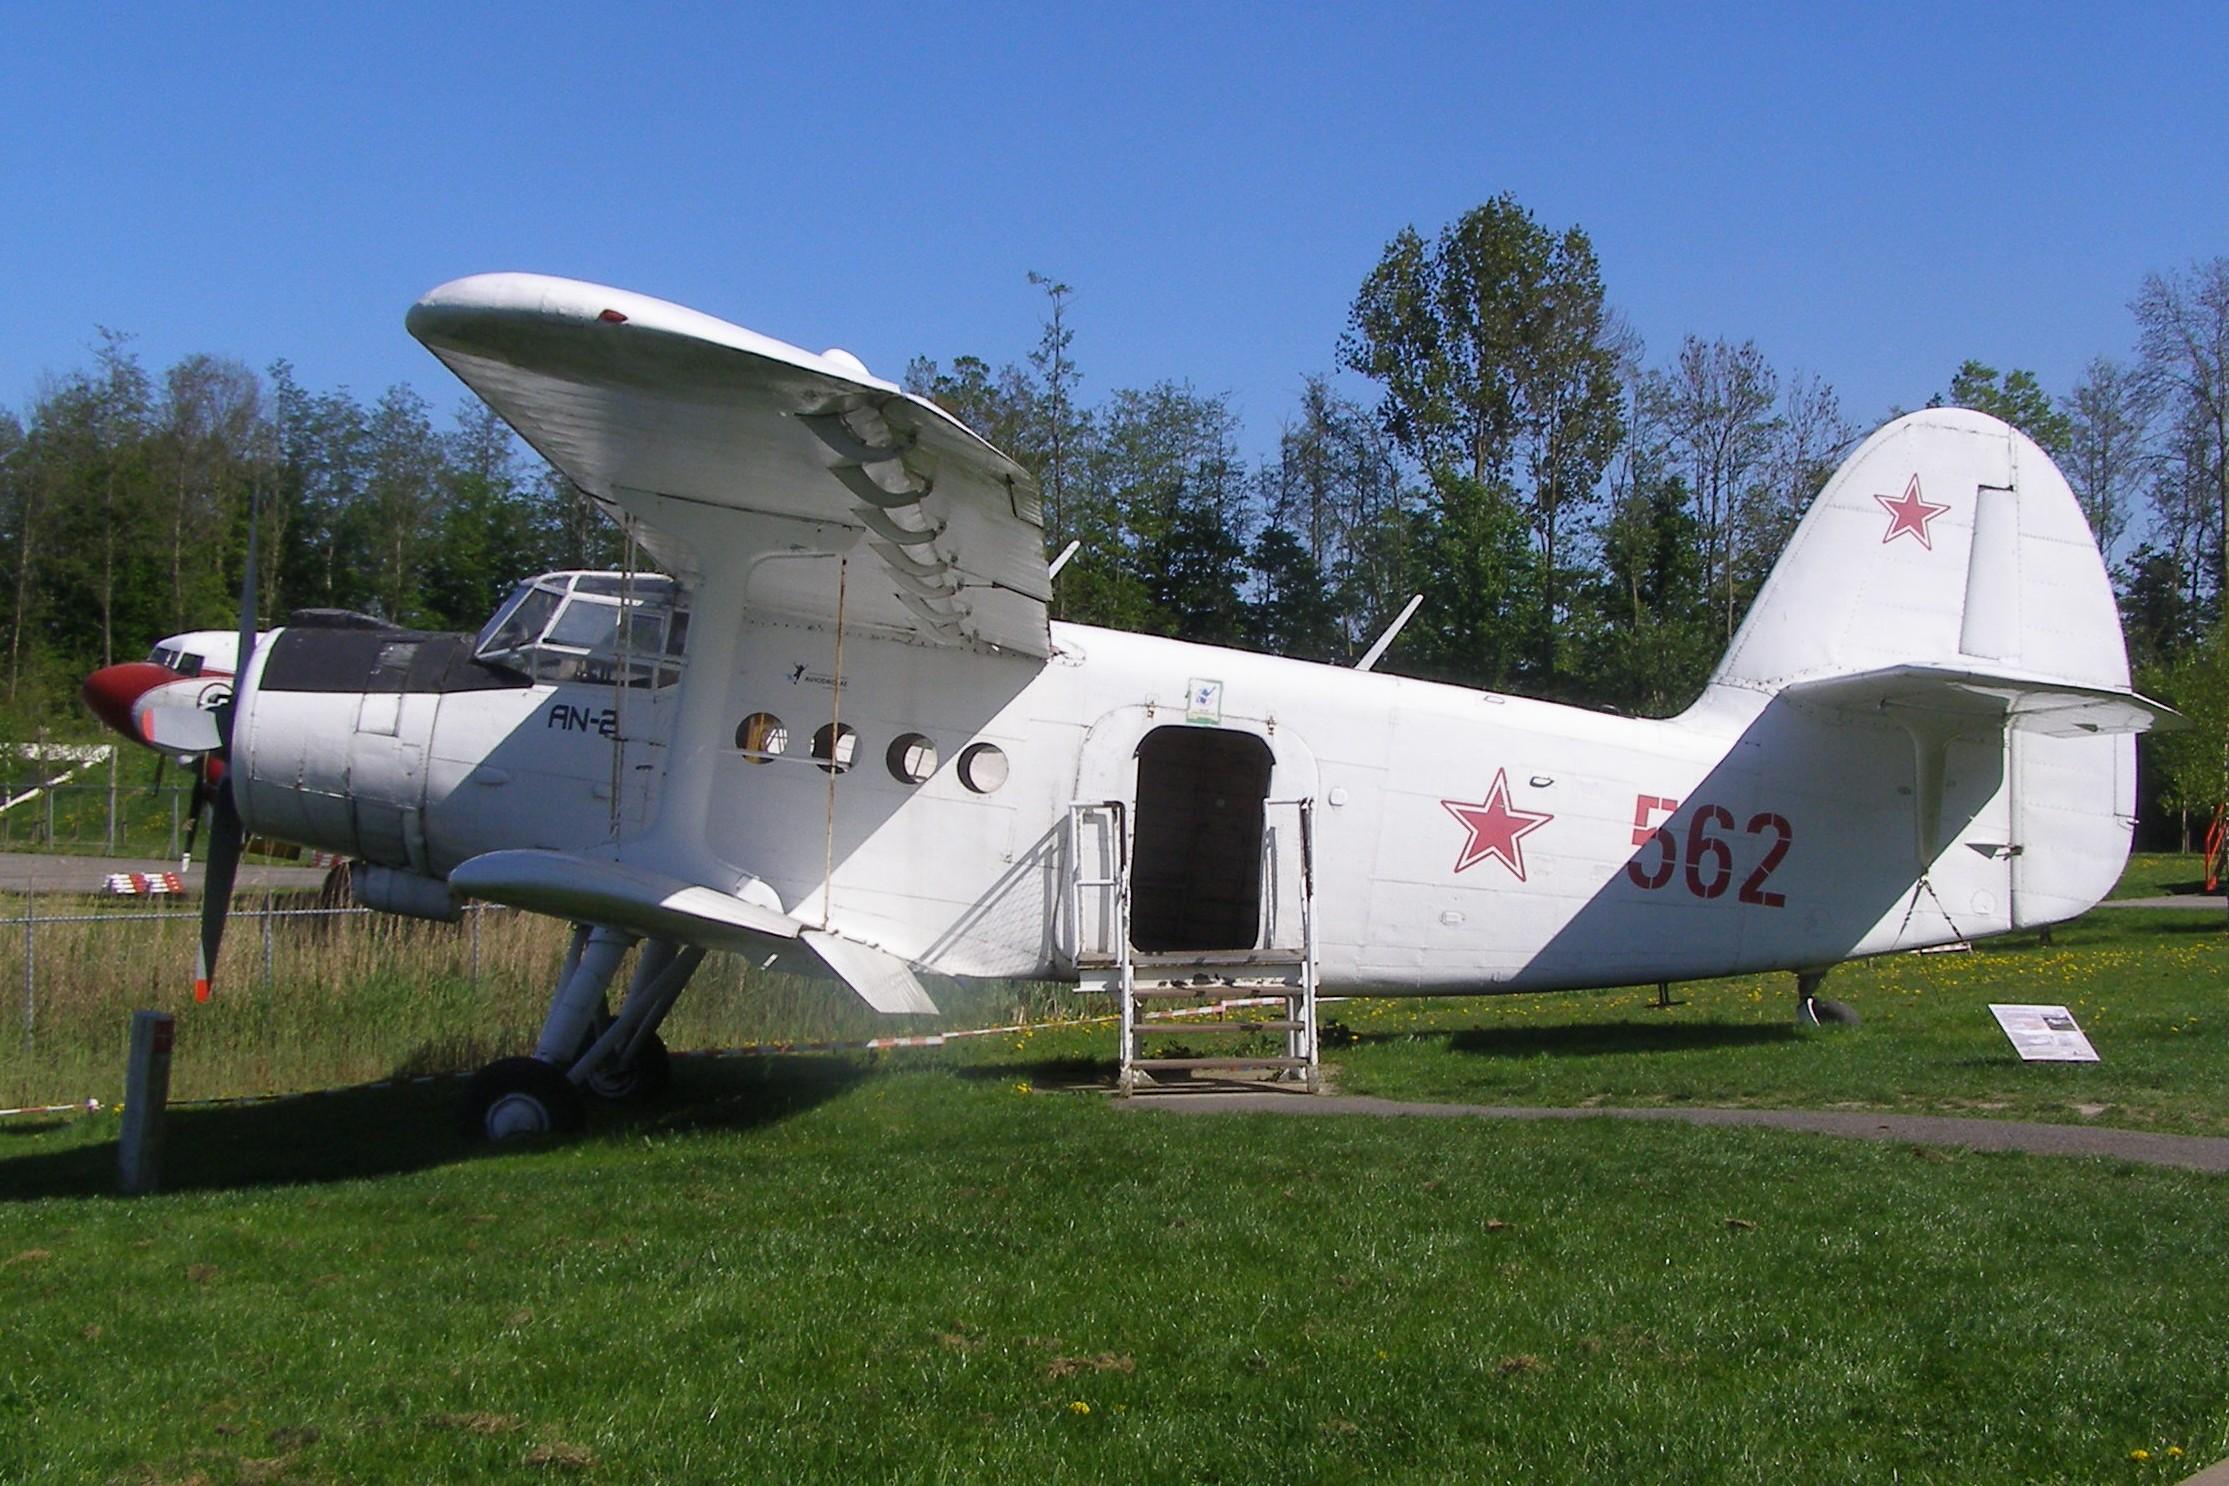 [jeux] La suite de chiffres en images - Page 23 Antonov-An-2-562